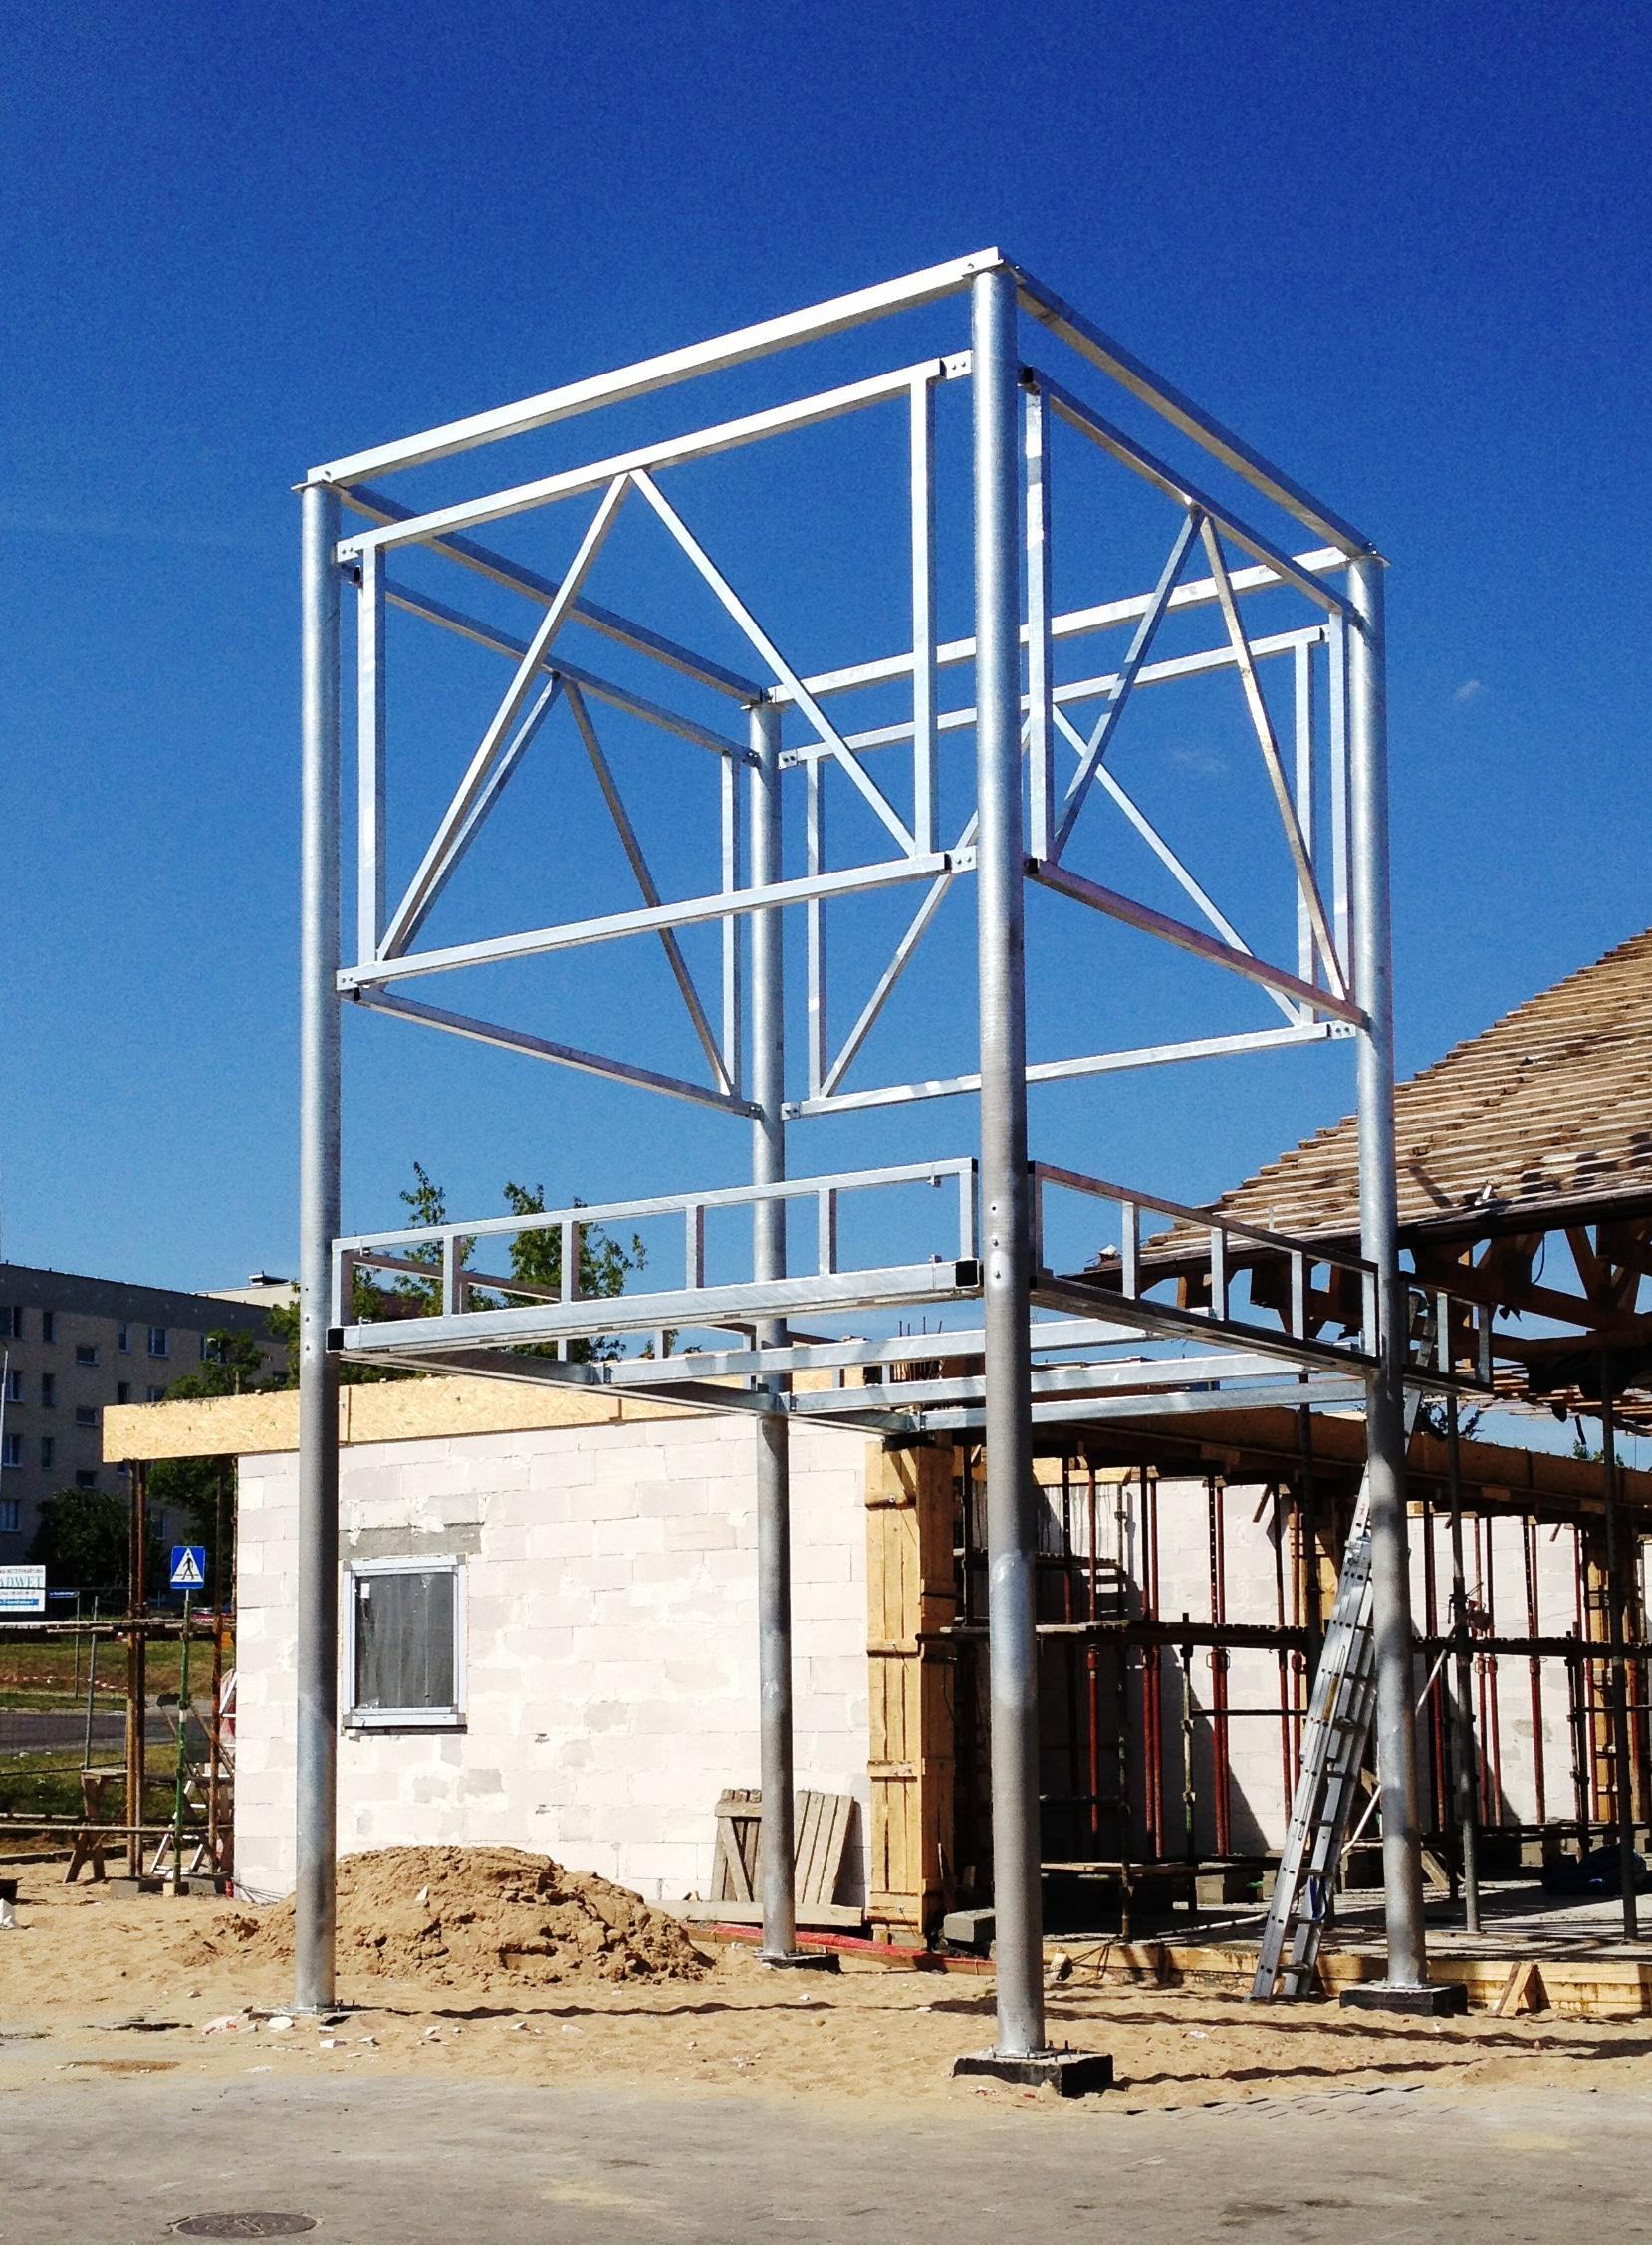 Wykonanie i montaż konstrukcji stalowej ocynkowanej.